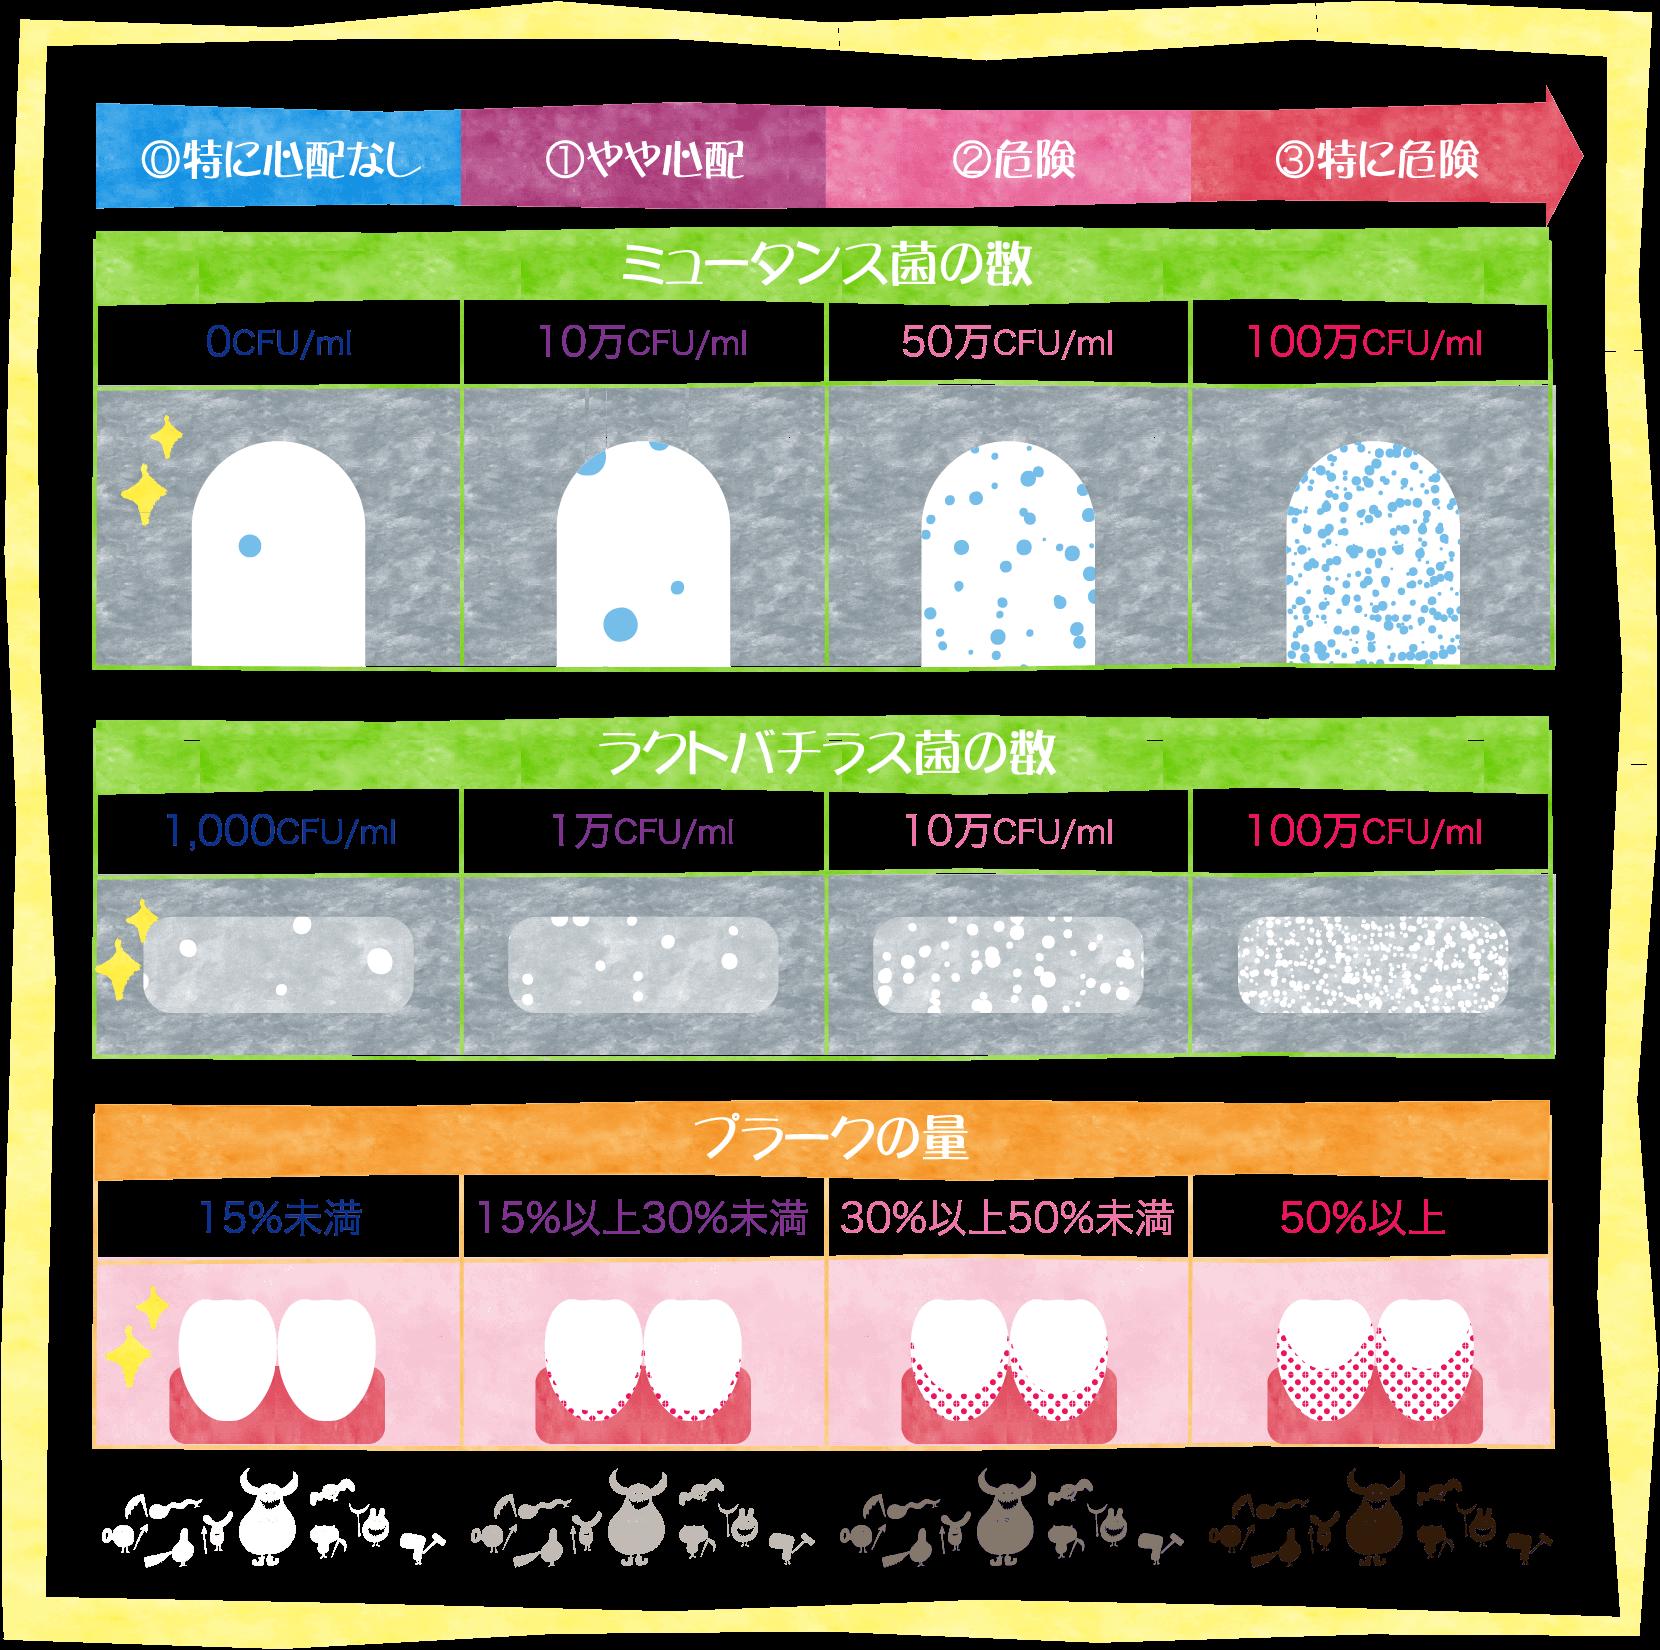 ラクトバチラス菌の数